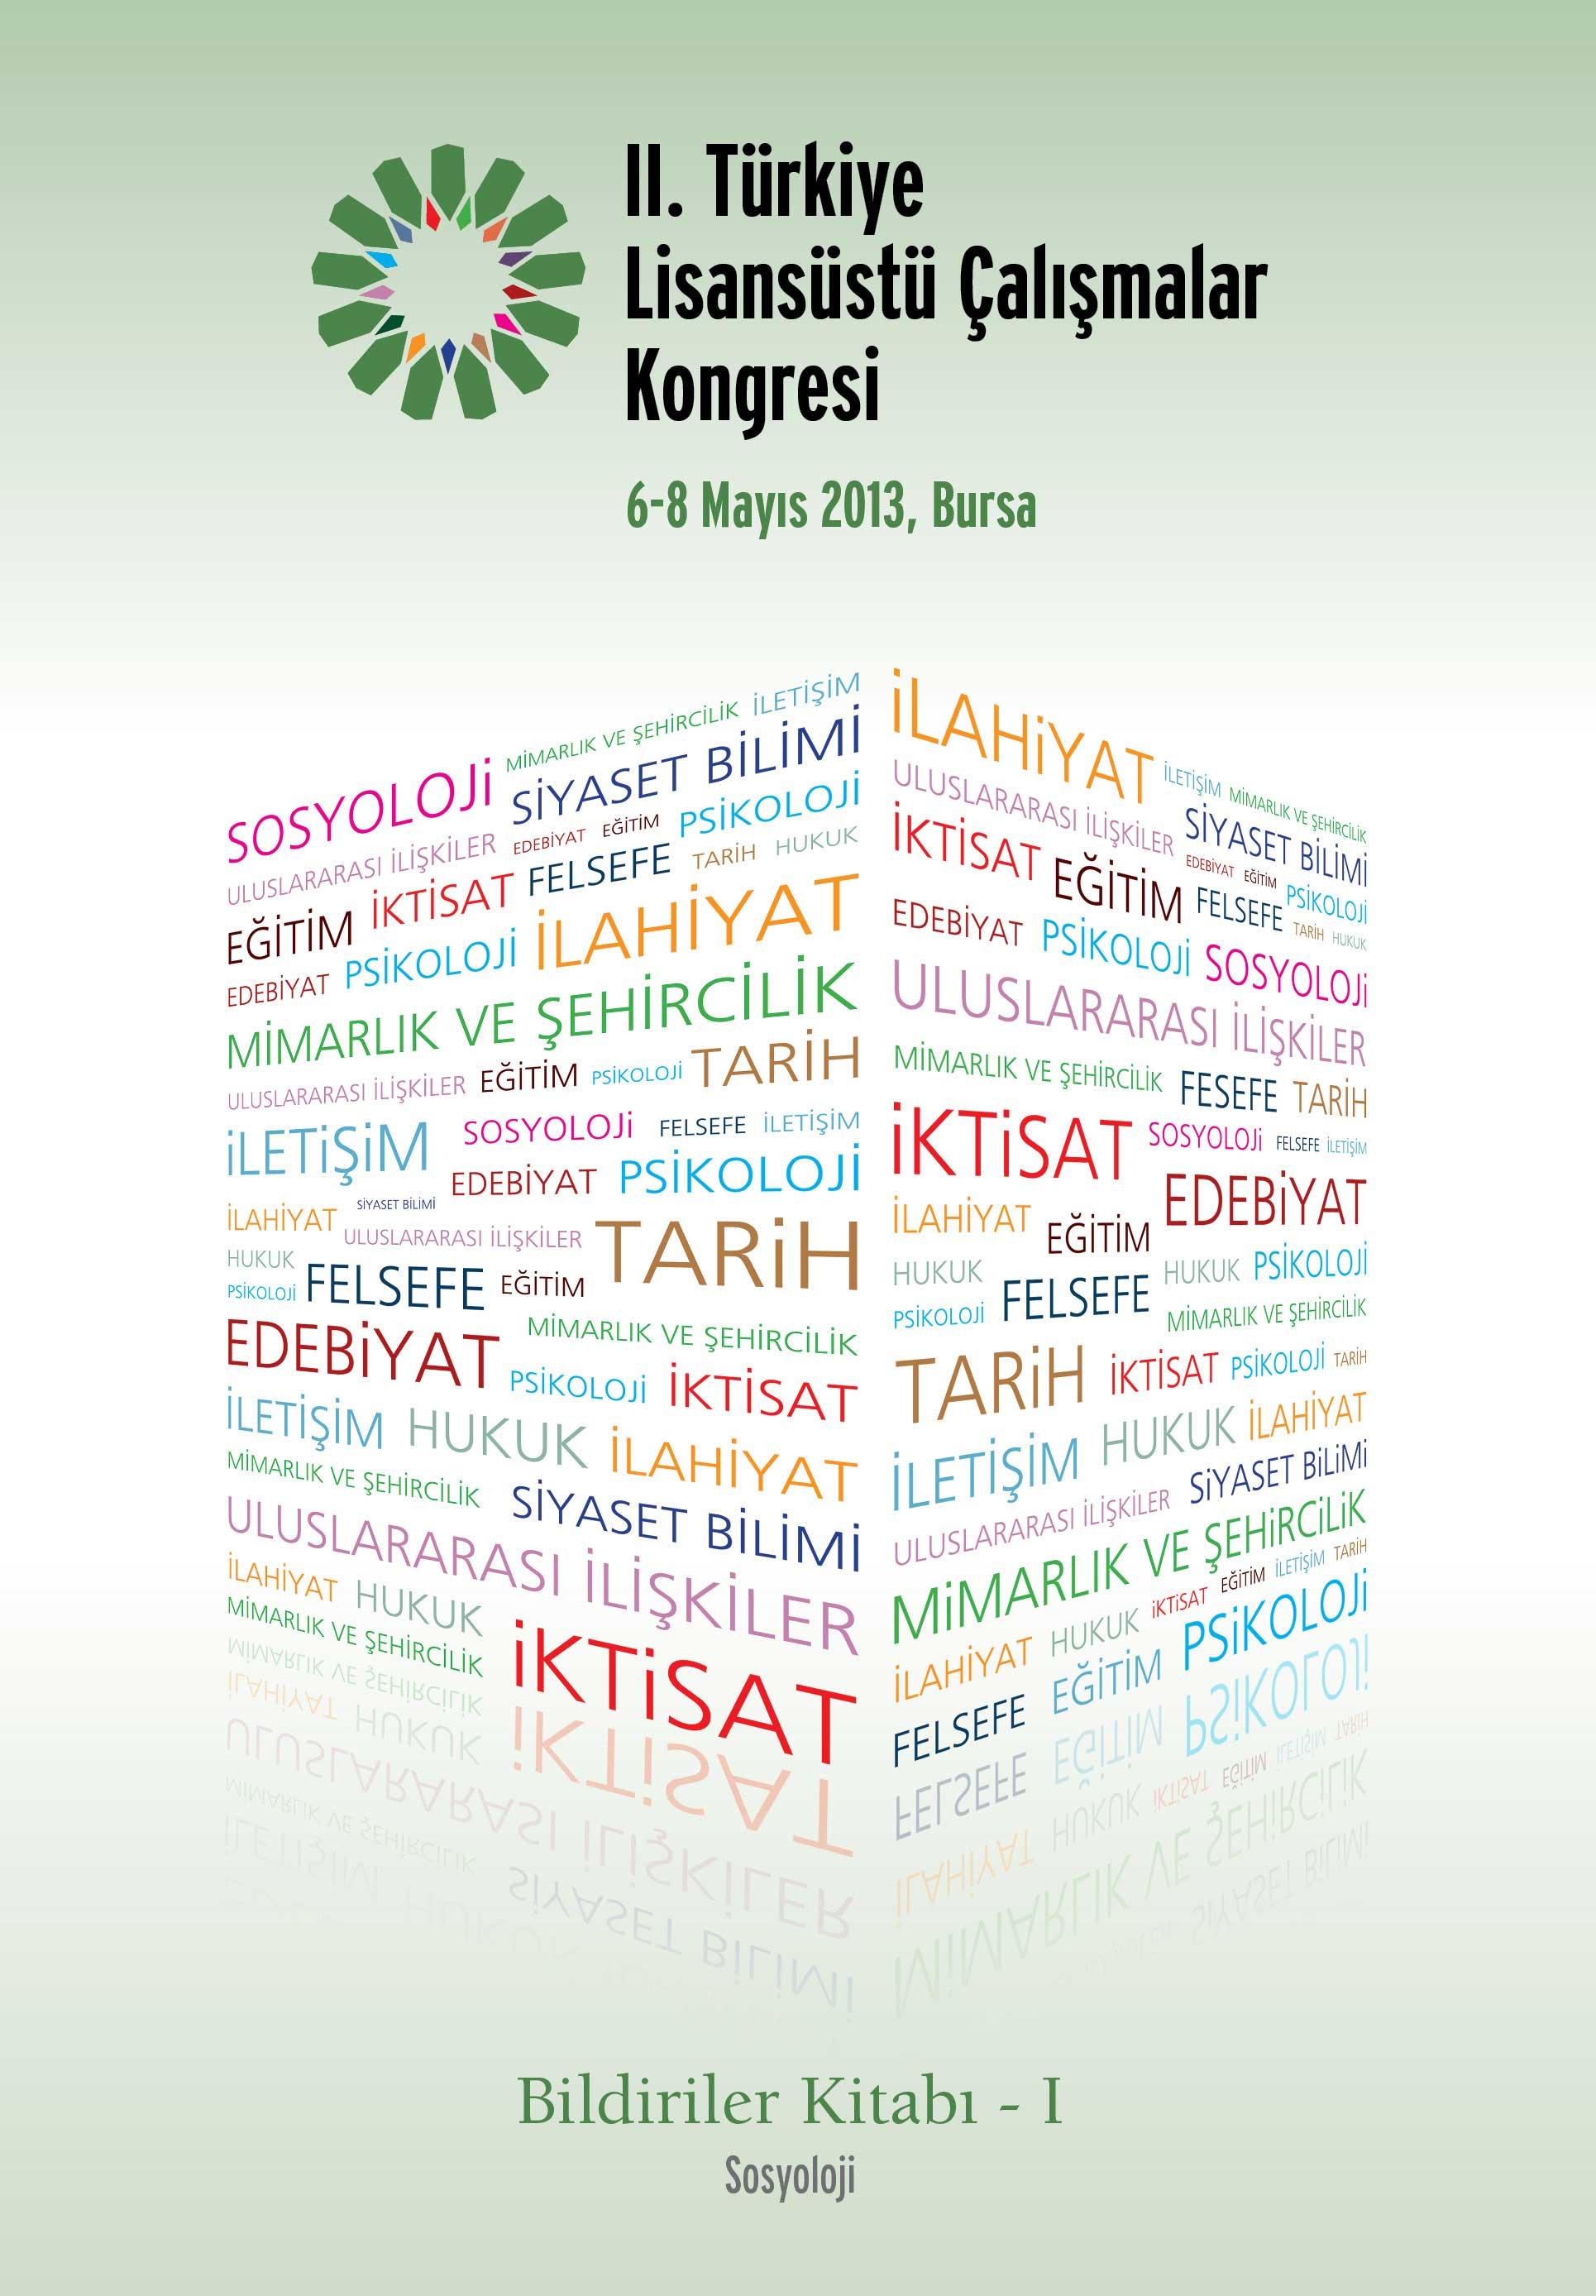 2. Türkiye Lisansüstü Çalışmalar Kongresi Bildiriler Kitabı